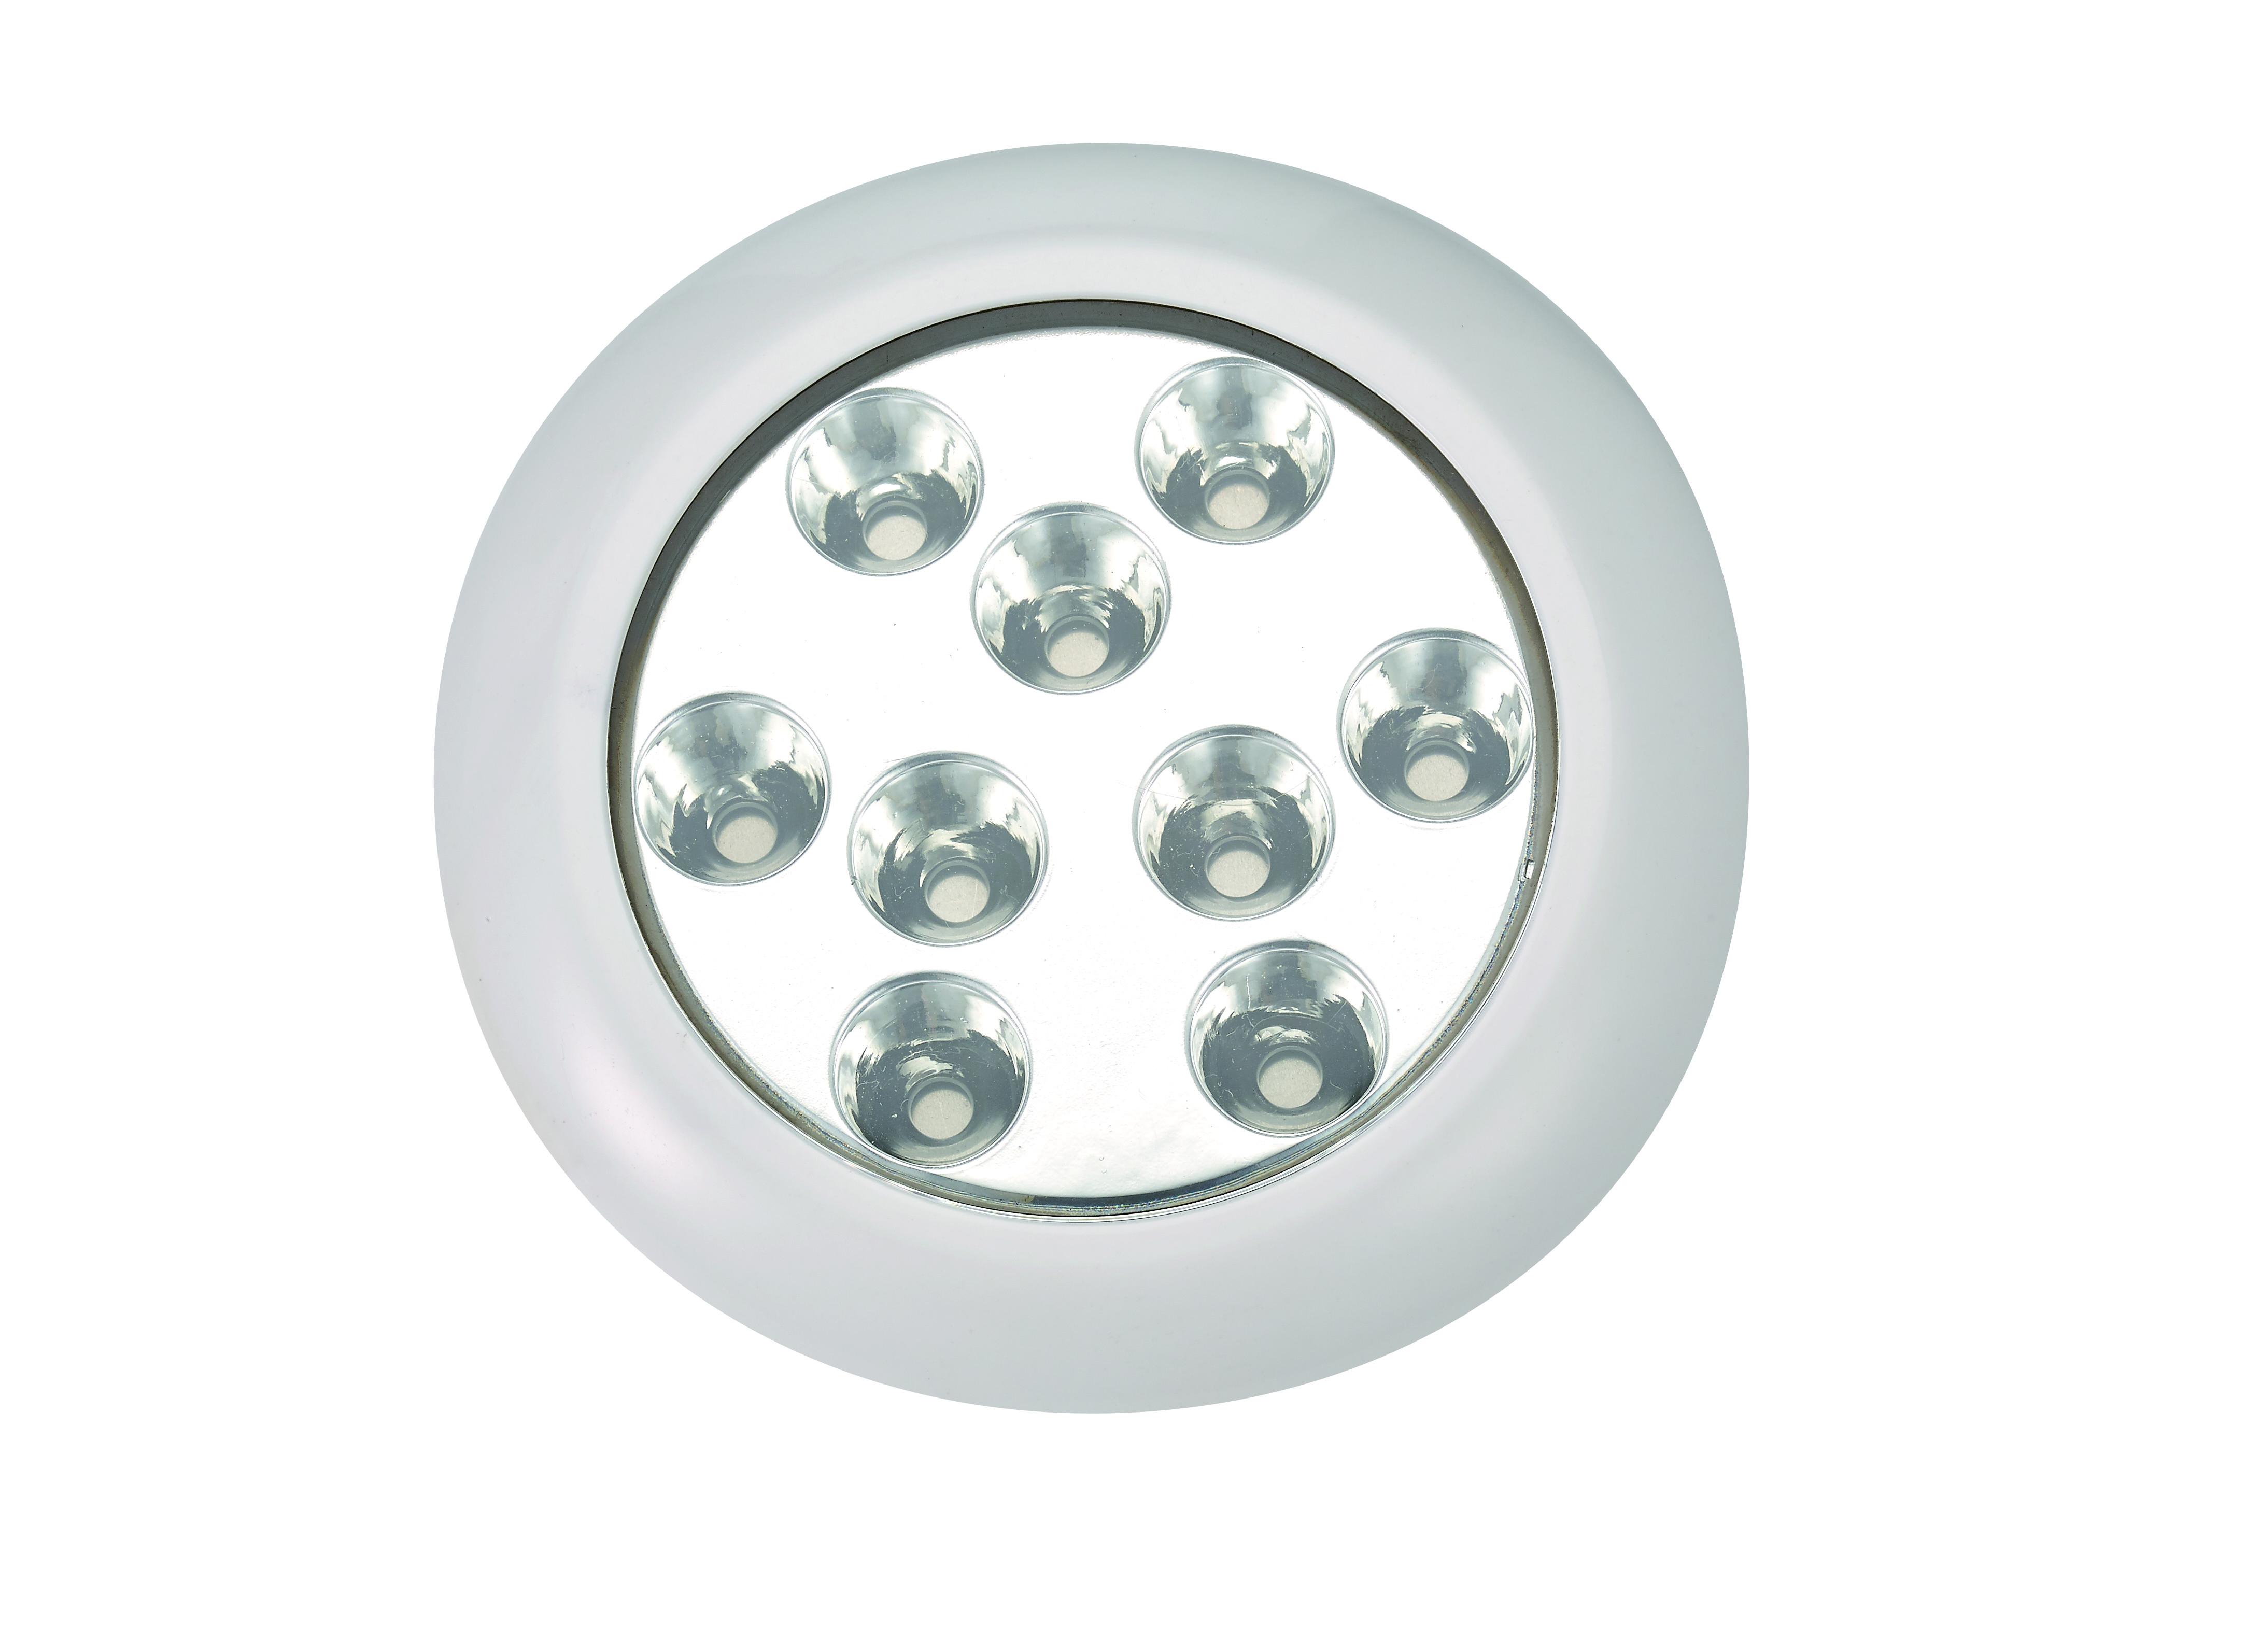 98.15 - Υποβρύχιο Φως LED Με 4 Χρώματα